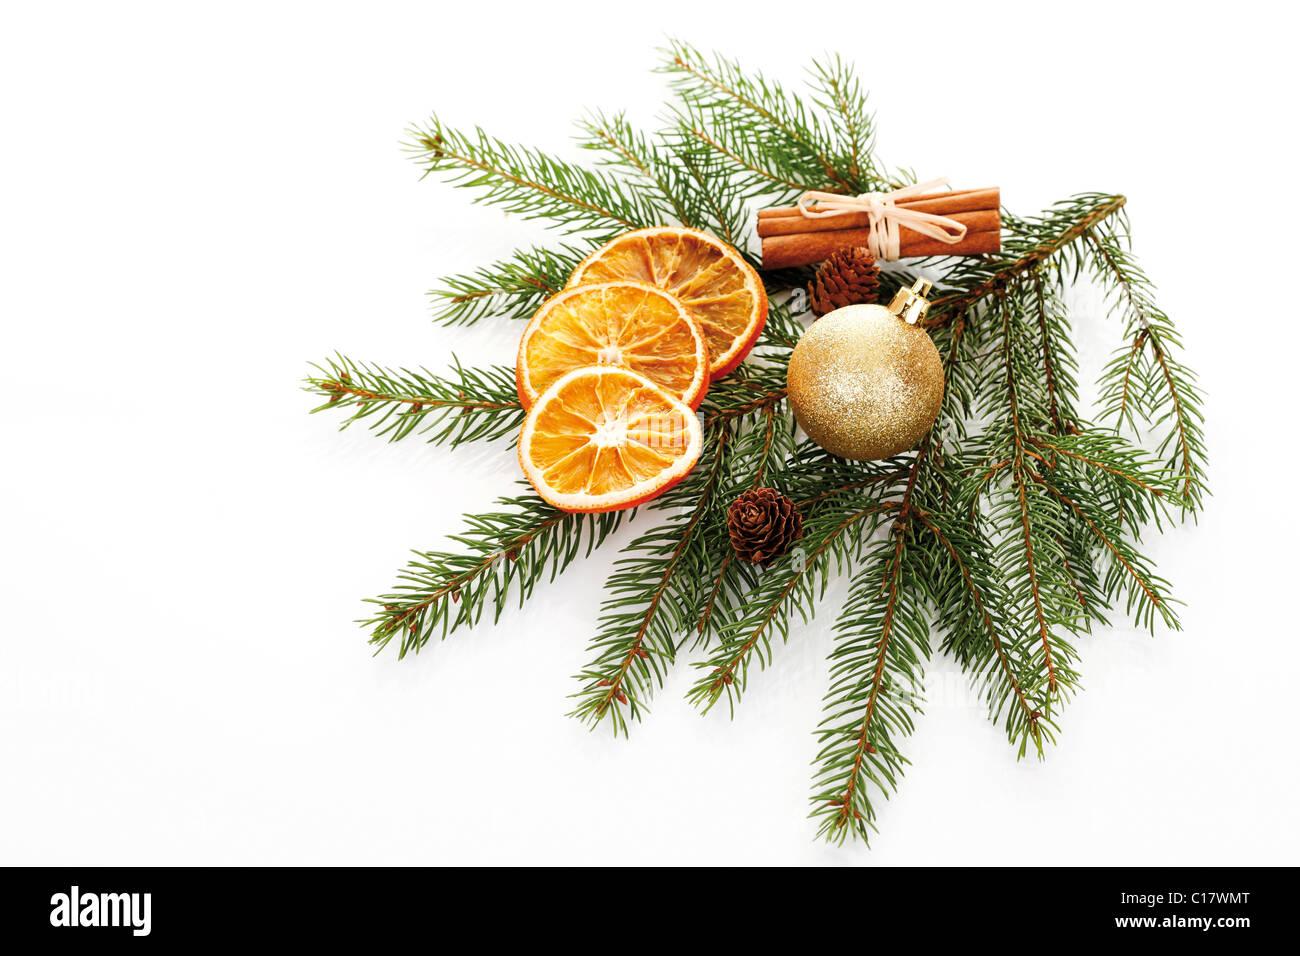 Palline Di Natale Con Rametti rami di abete con un albero di natale pallina, essiccato